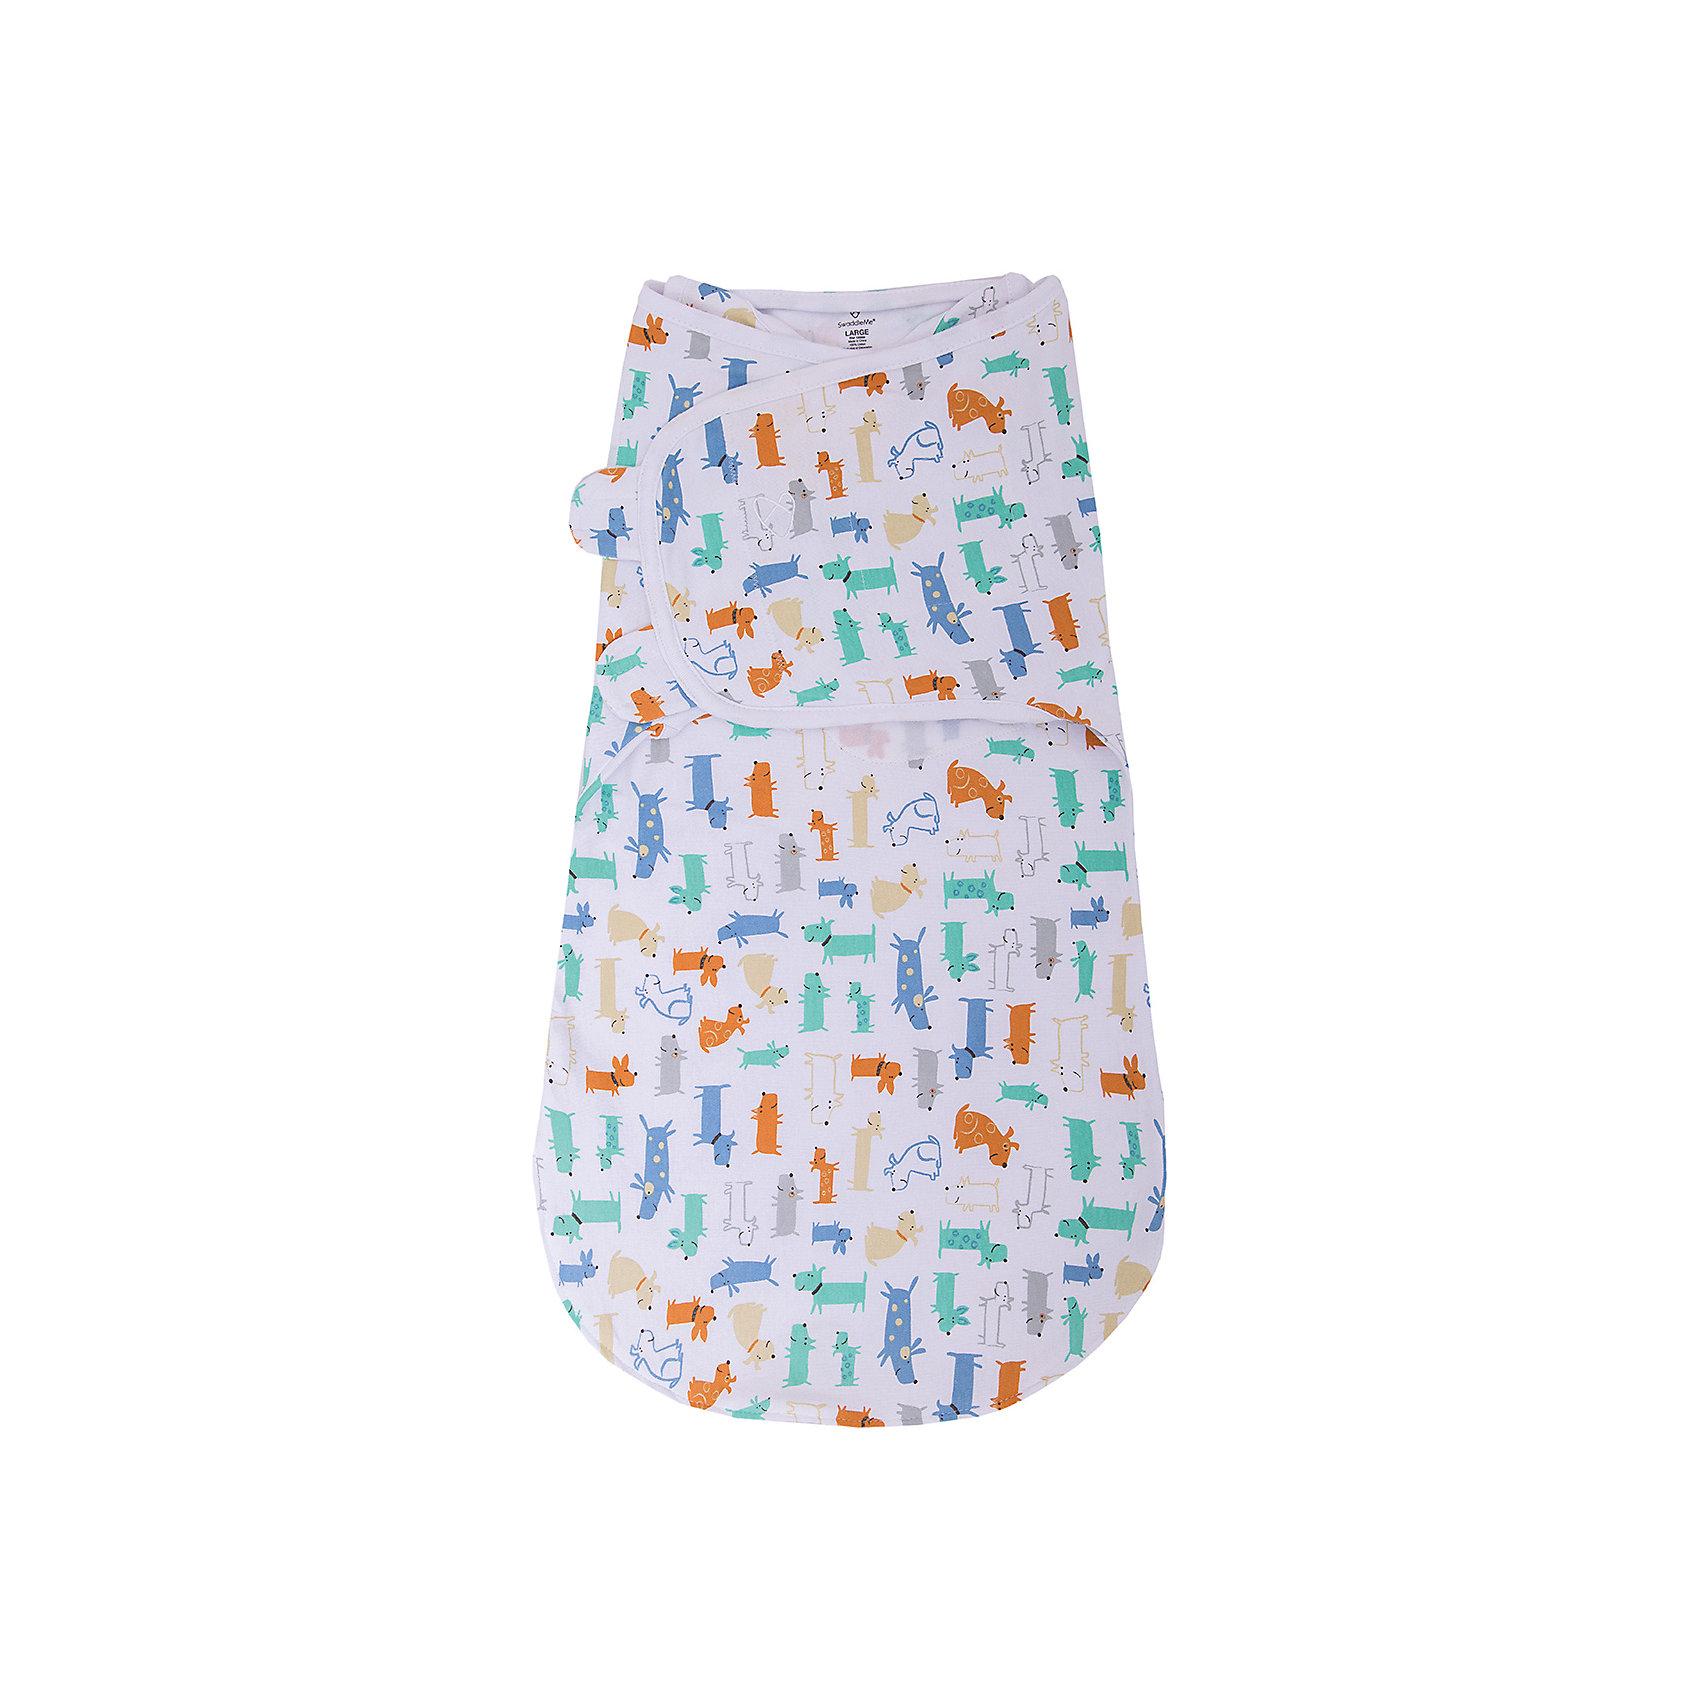 Конверт для пеленания на липучке Wrap Sack® , размер L, Summer Infant, собачкиКонверт на липучке с двумя способами фиксации Wrap Sack®, размер L, Summer Infant (Саммер Инфант), собачки.<br><br>Характеристики:<br><br>• можно оставить ручки свободными<br>• большое пространство для ножек <br>• изготовлен из мягкого хлопка<br>• обеспечивает комфортный сон<br>• можно поменять подгузник, не беспокоя ребенка<br>• материал: 100% хлопок<br>• размер: L<br>• для детей от 6 до 10 кг<br>• расцветка: собачки<br><br>Конверт на липучке Wrap Sack®, Summer Infant нежно укутает малыша и защитит от пробуждения при случайных вздрагиваниях ручек и ножек. Мягкий хлопок приятен телу и не вызывает раздражения на нежной коже ребенка. Молния позволяет расстегнуть конверт снизу и поменять подгузник, не беспокоя при этом кроху. Крылья конверта регулируются в соответствии с ростом ребенка.<br><br>Конверт на липучке с двумя способами фиксации Wrap Sack®, размер L, Summer Infant (Саммер Инфант), собачки можно купить в нашем интернет-магазине.<br><br>Ширина мм: 30<br>Глубина мм: 200<br>Высота мм: 250<br>Вес г: 300<br>Возраст от месяцев: 3<br>Возраст до месяцев: 9<br>Пол: Унисекс<br>Возраст: Детский<br>SKU: 5089937